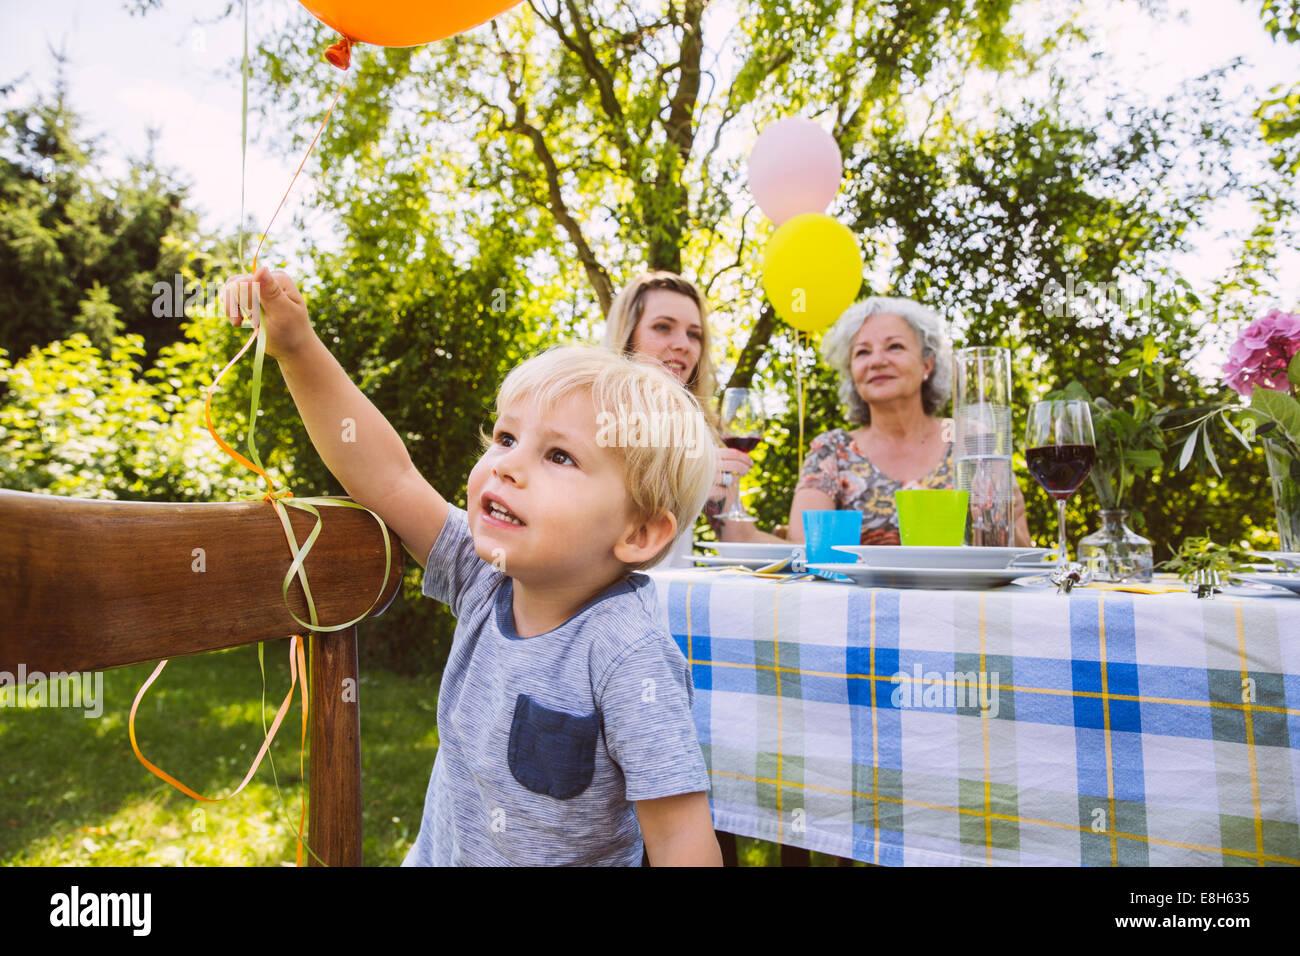 Garçon à table avec la famille de trois générations dans jardin Photo Stock